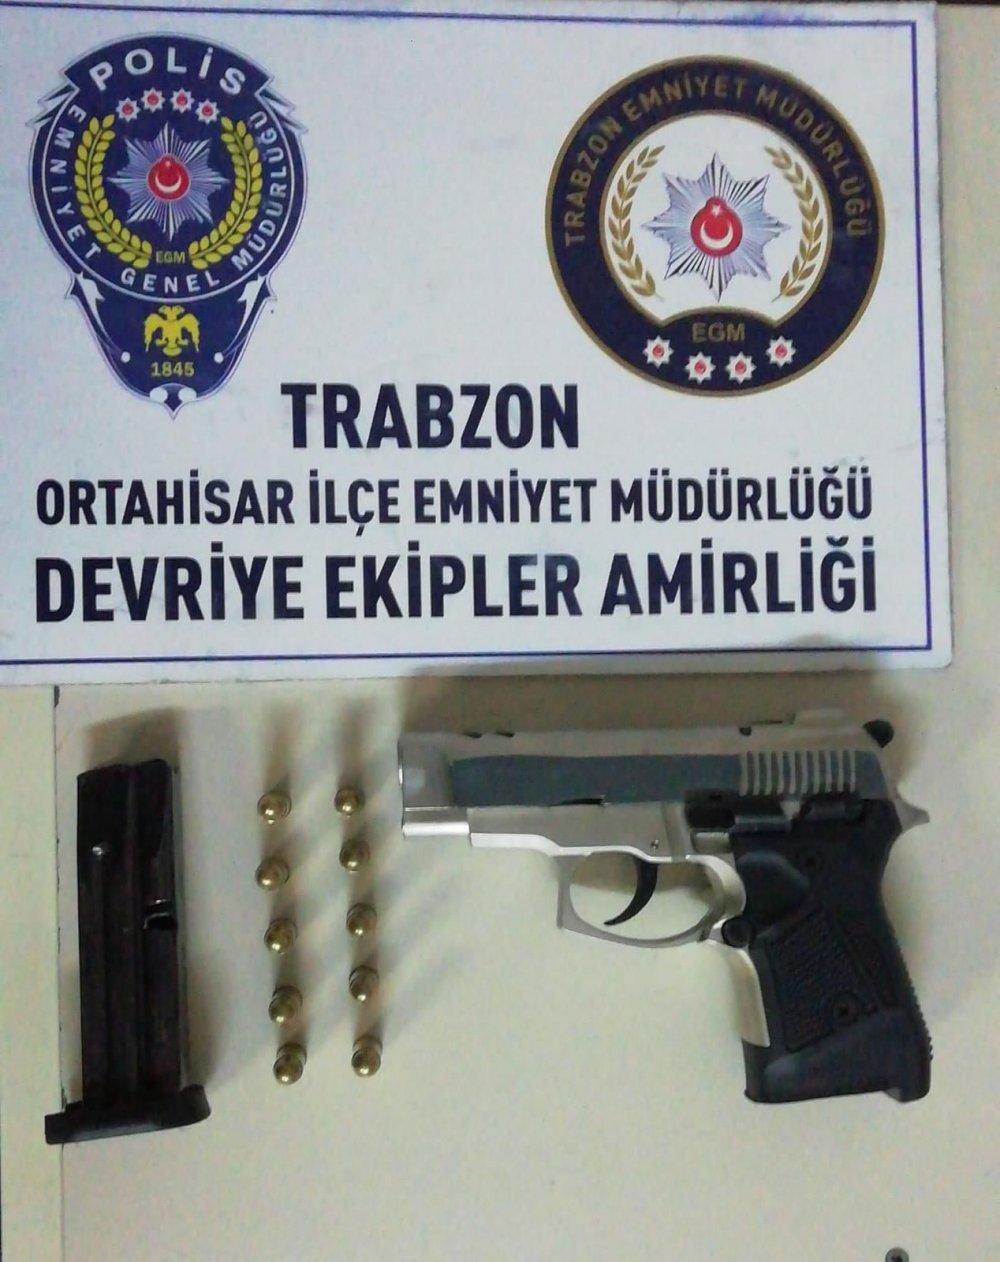 Trabzon'da ruhsatsız tabanca ele geçirildi